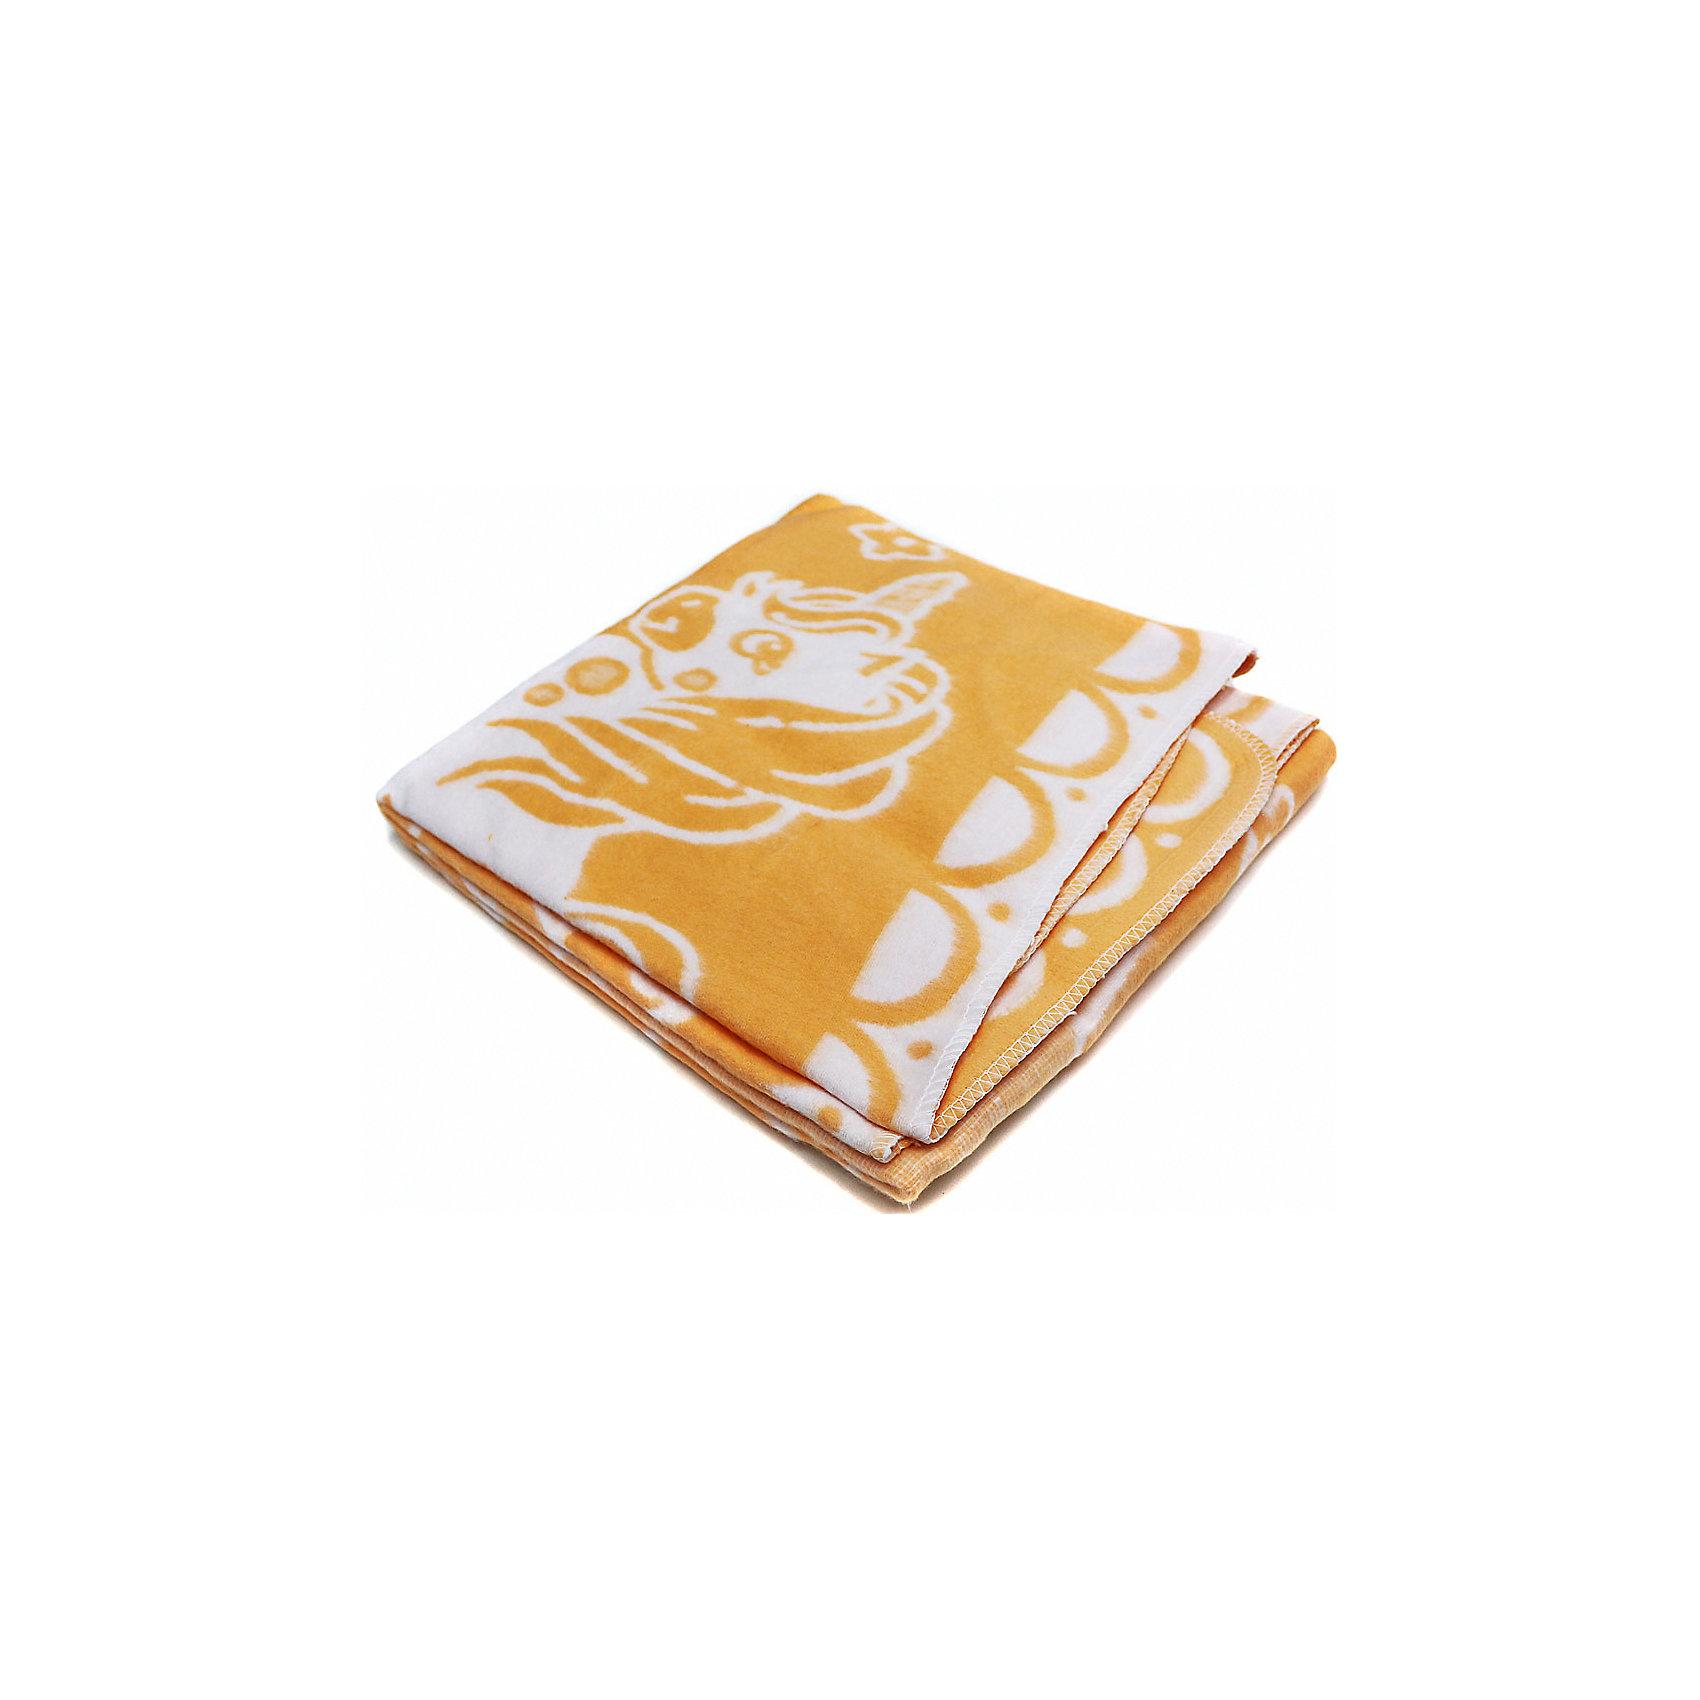 Ермолино Байковое одеяло х/б 140х100 см., Топотушки, жёлтый дорожные плиты б у